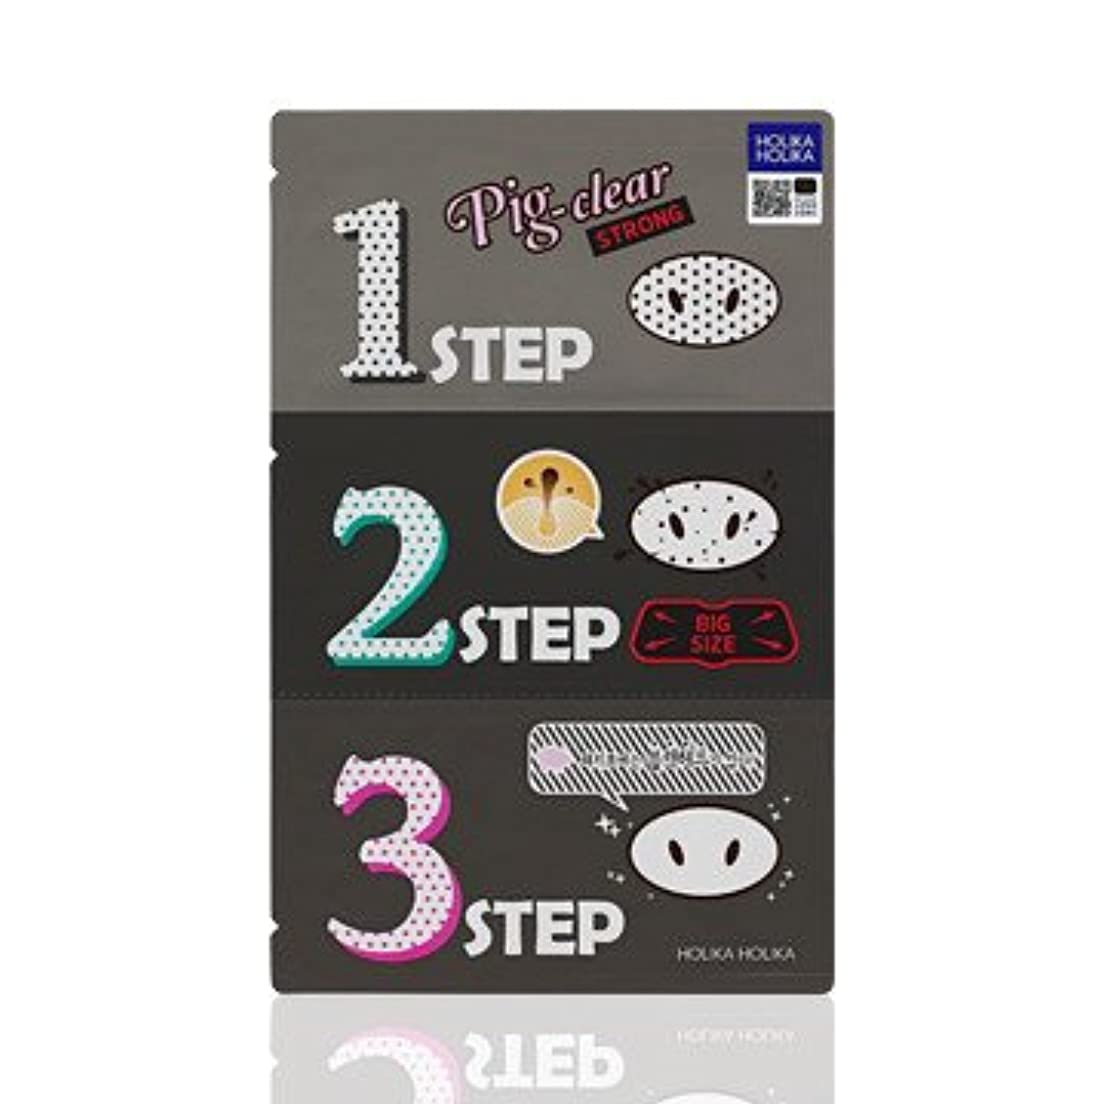 に応じて汚いメアリアンジョーンズHolika Holika Pig Nose Clear Black Head 3-Step Kit 3EA